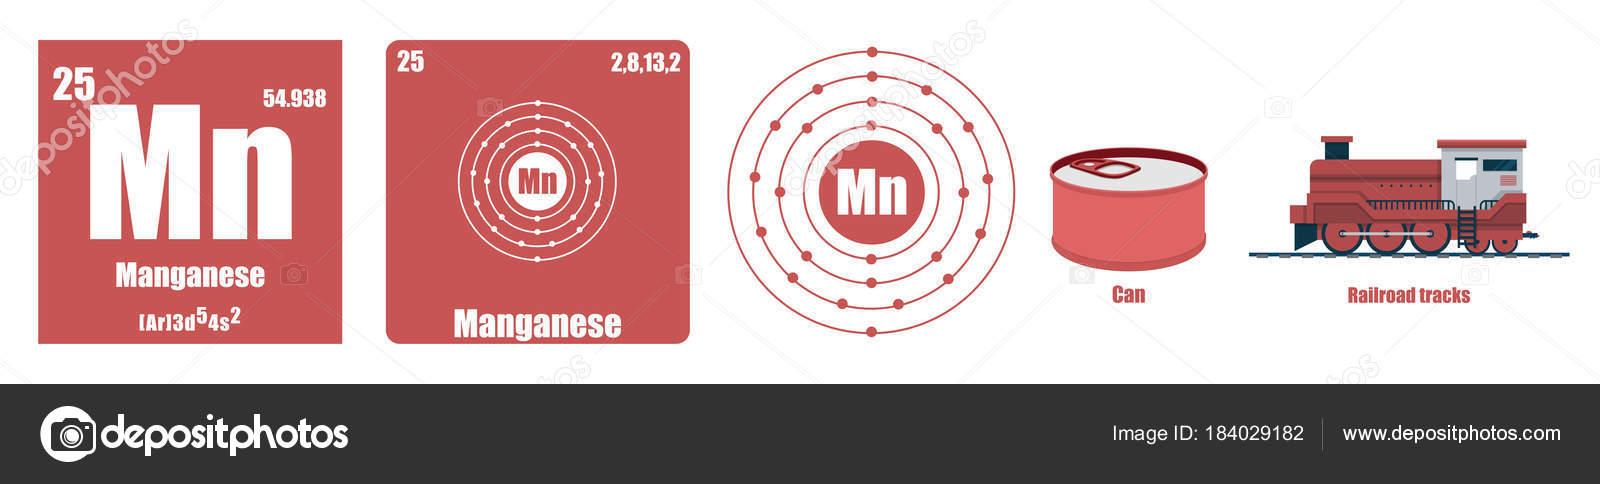 Tabla periodica de los elemento de transicin metales manganeso tabla periodica de los elemento de transicin metales manganeso vector de stock urtaz Image collections